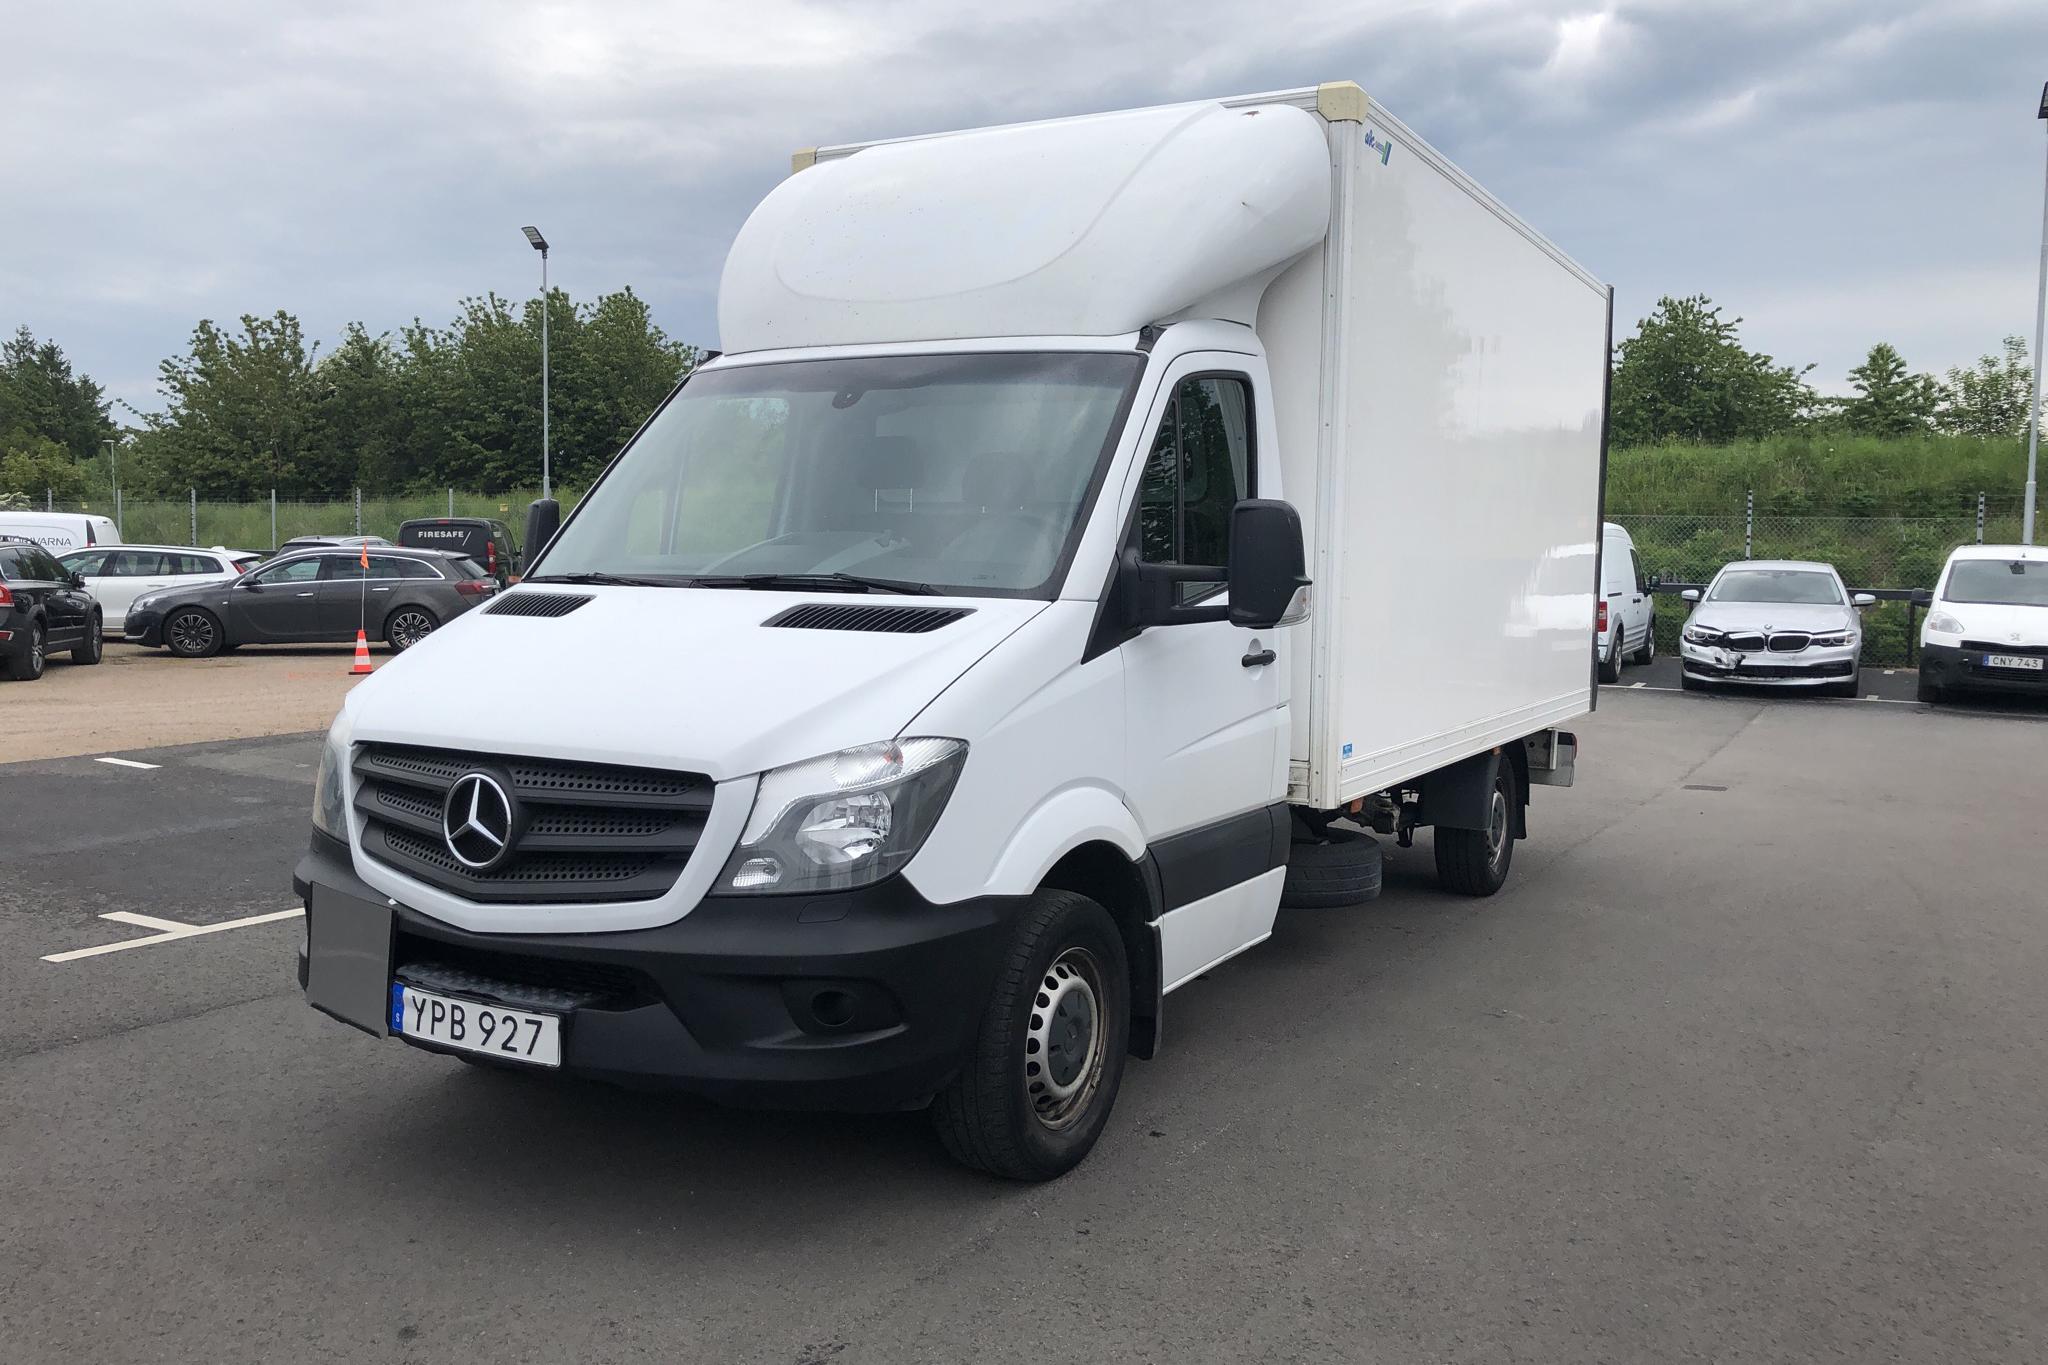 Mercedes Sprinter 316 CDI Volymskåp (163hk) - 14 922 mil - Automat - vit - 2018